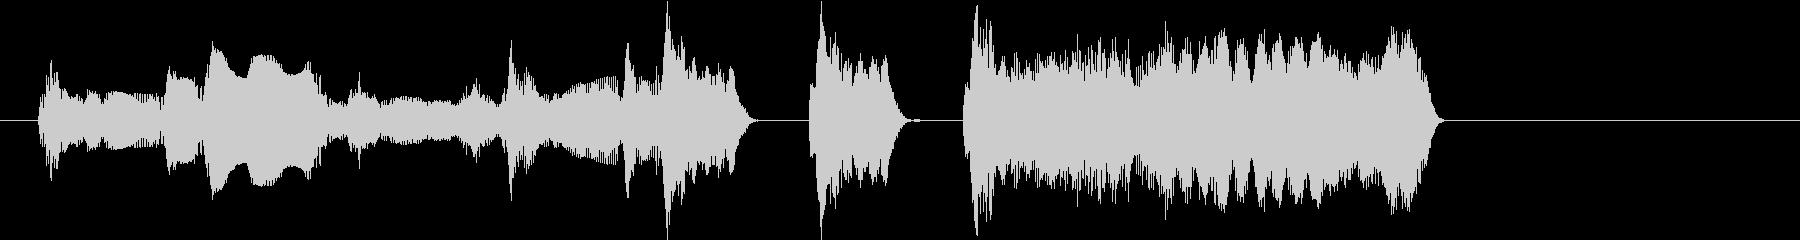 ゲームオーバー 不正解 コミカルの未再生の波形